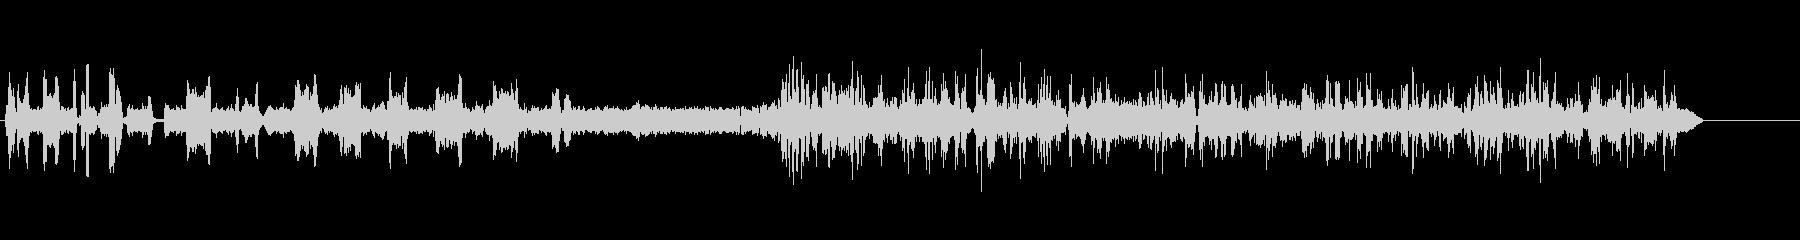 ラジオスキャン5の調整の未再生の波形